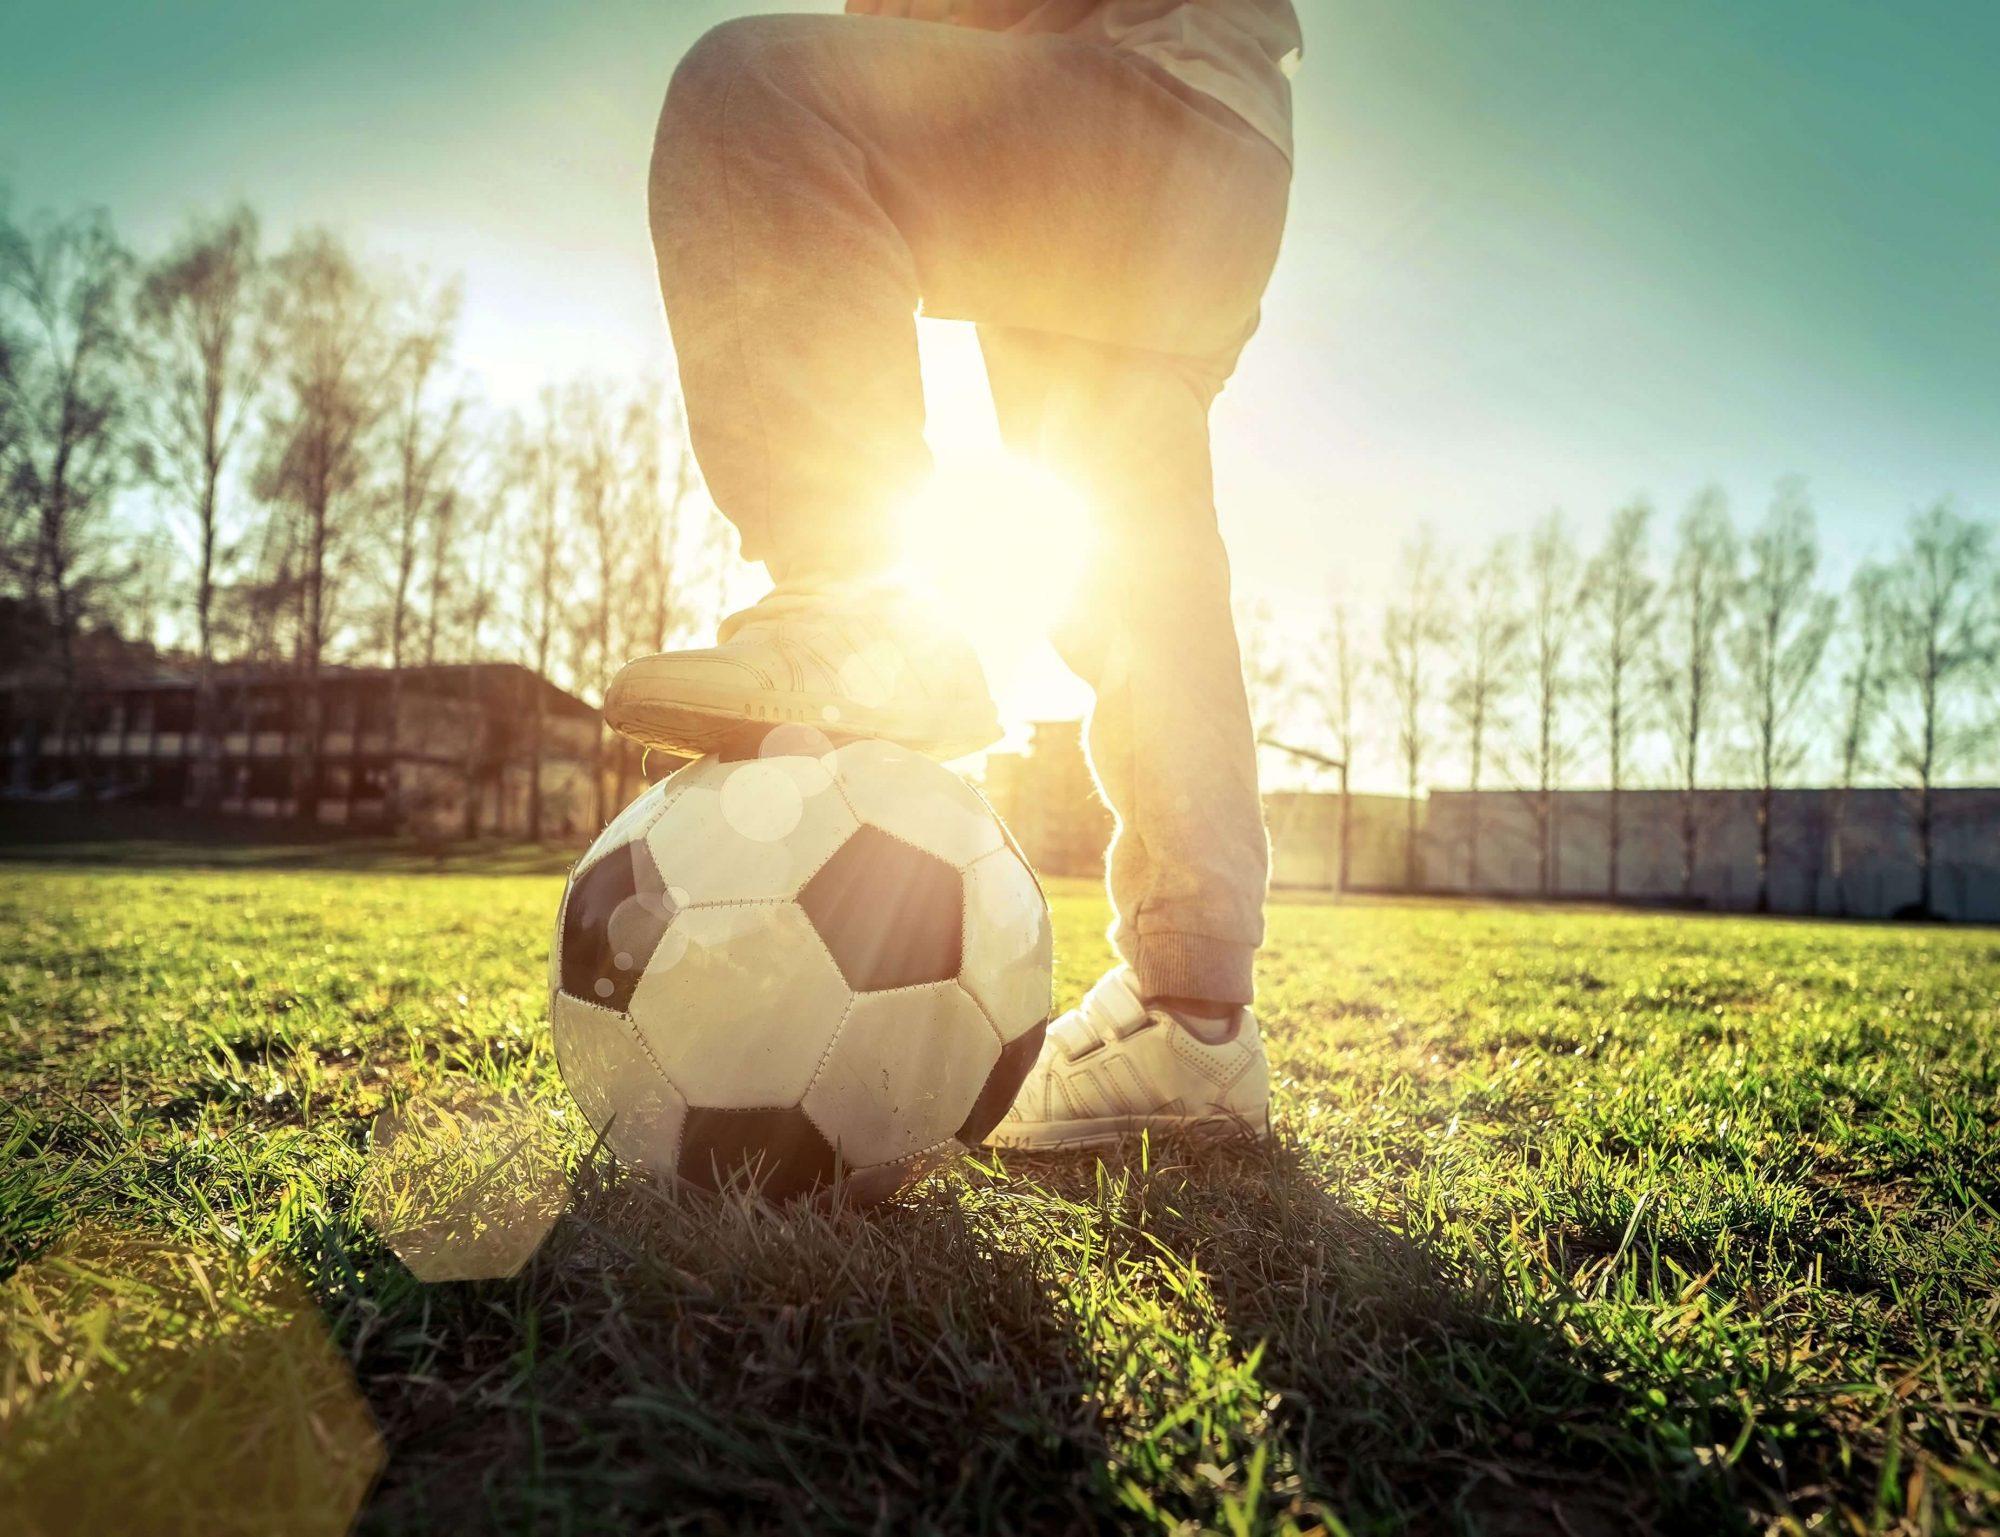 Convocatoria de participación equipo femenino de fútbol